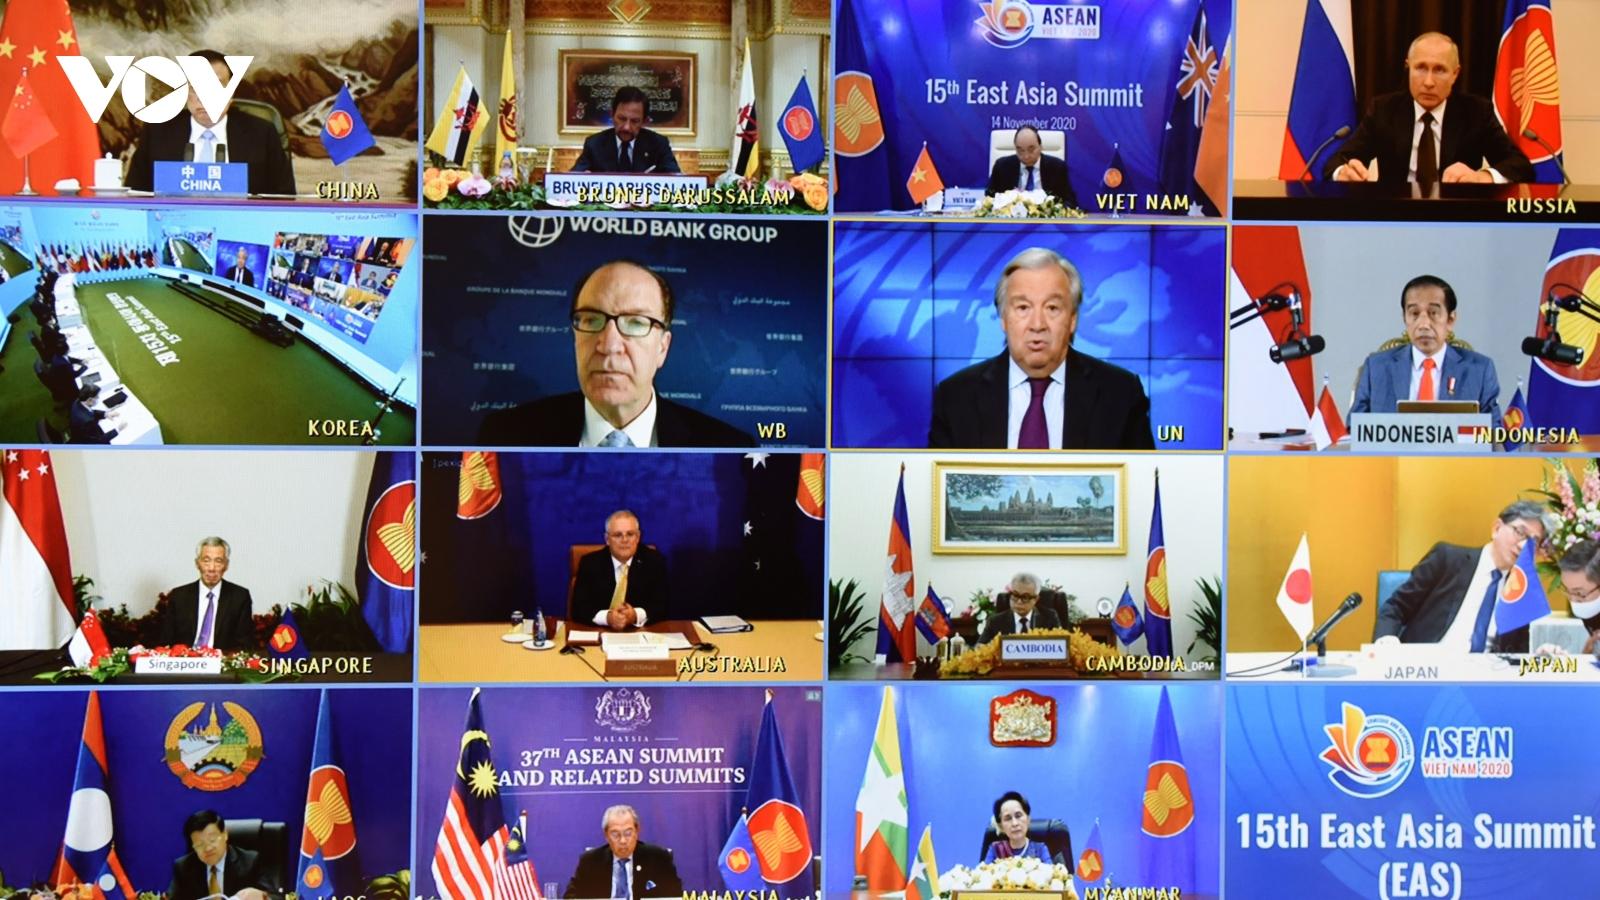 Hội nghị Cấp cao Đông Á ghi nhận nỗ lực đảm bảo hòa bình, ổn định ở Biển Đông